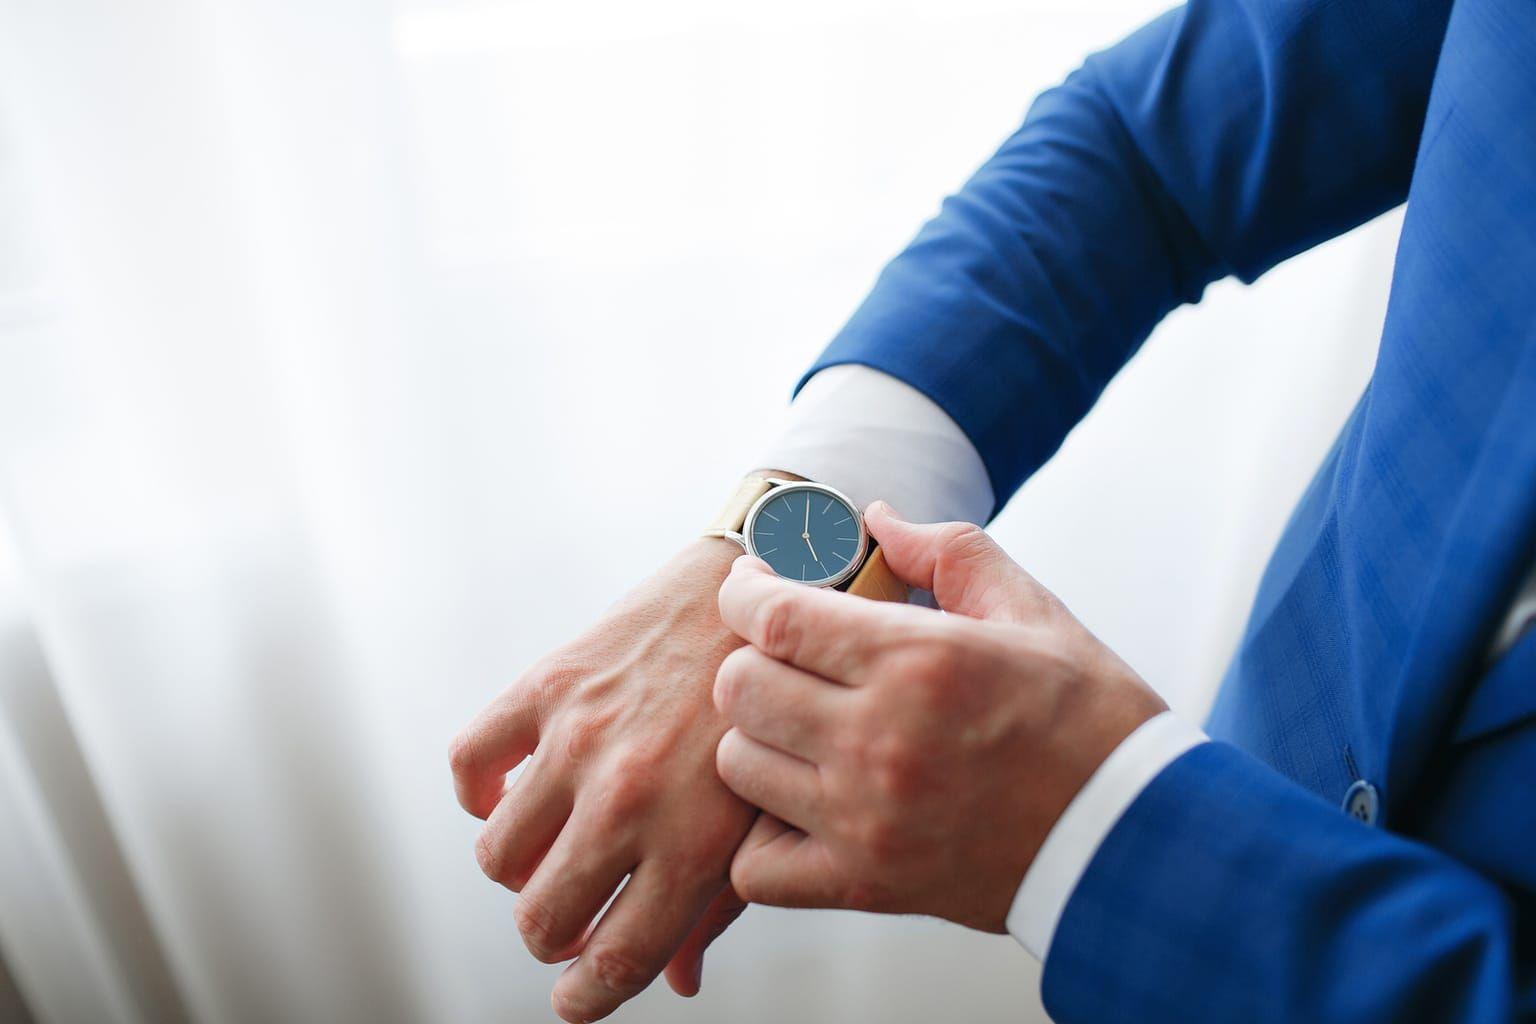 accessoires-bij-een-formele-kledingstijl-3  - De juiste accessoires bij een formele kledingstijl - Manify.nl